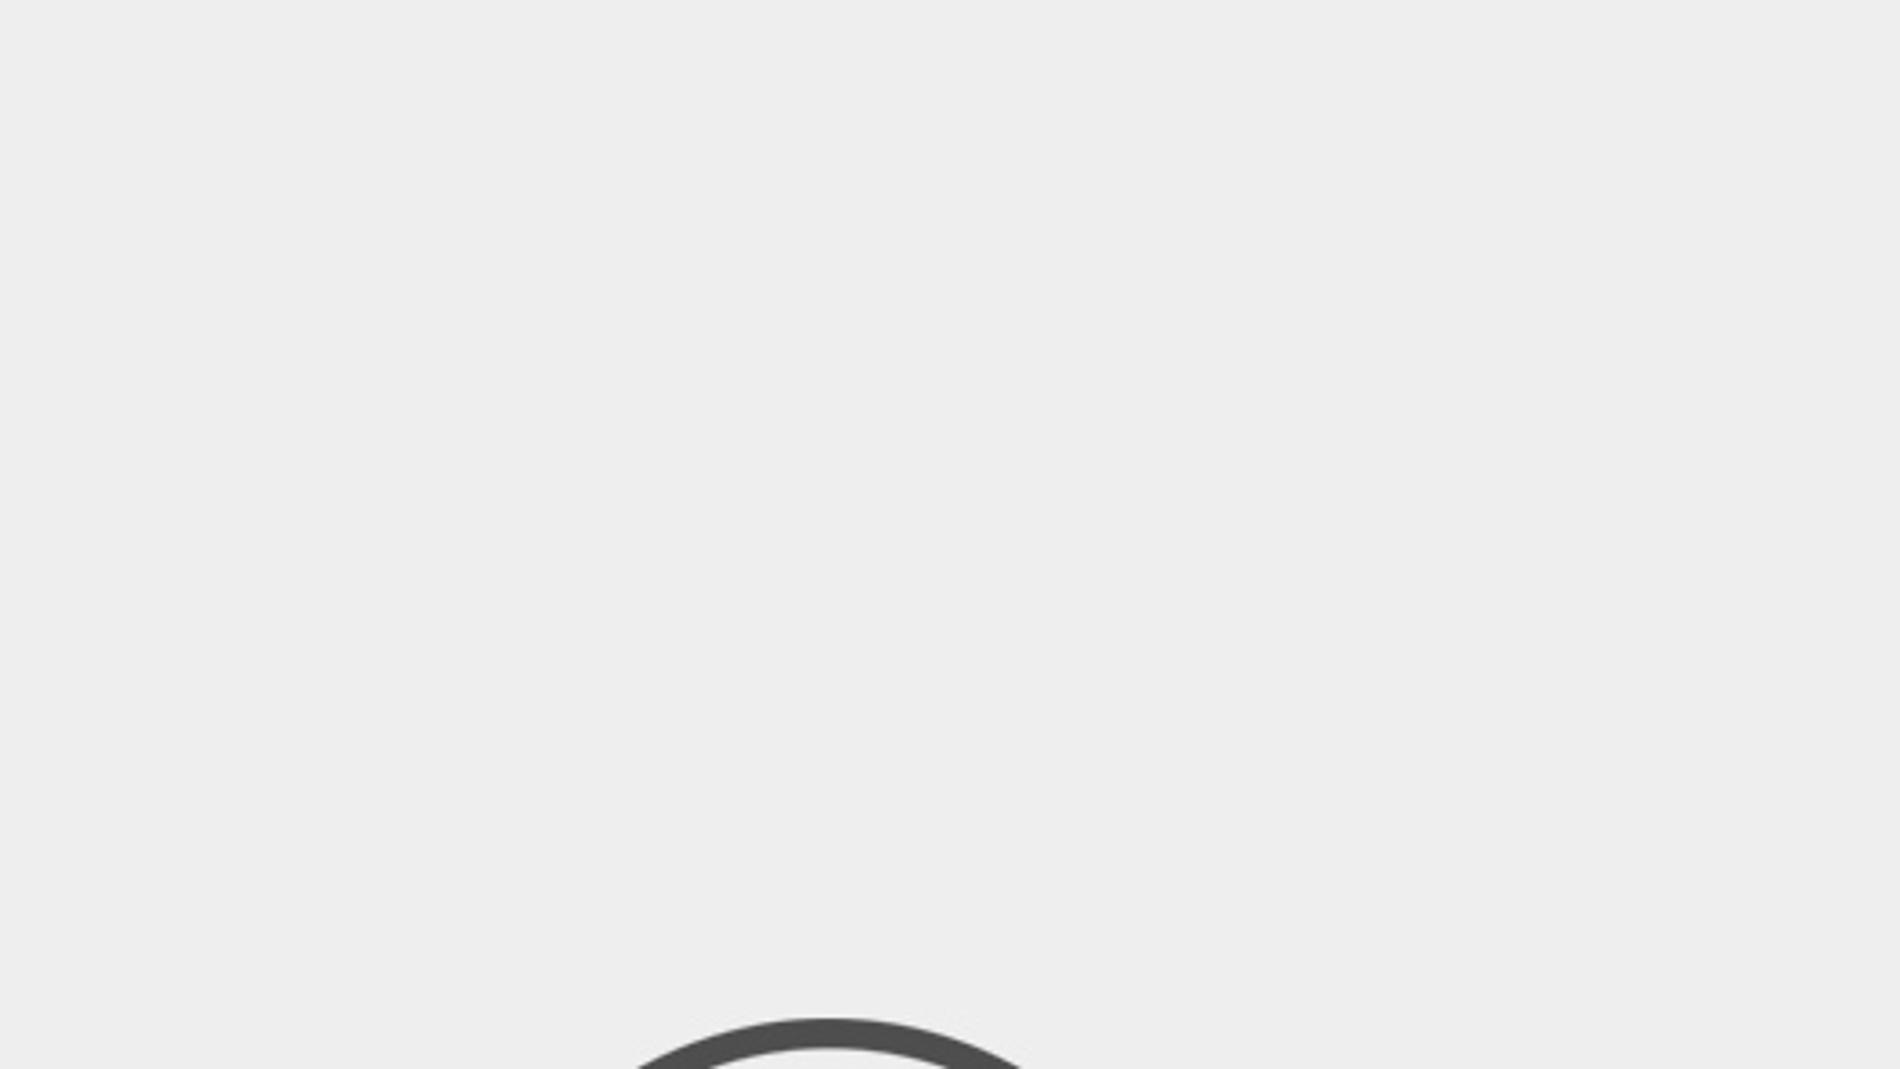 Barack Obama y Bill Pullman discurso